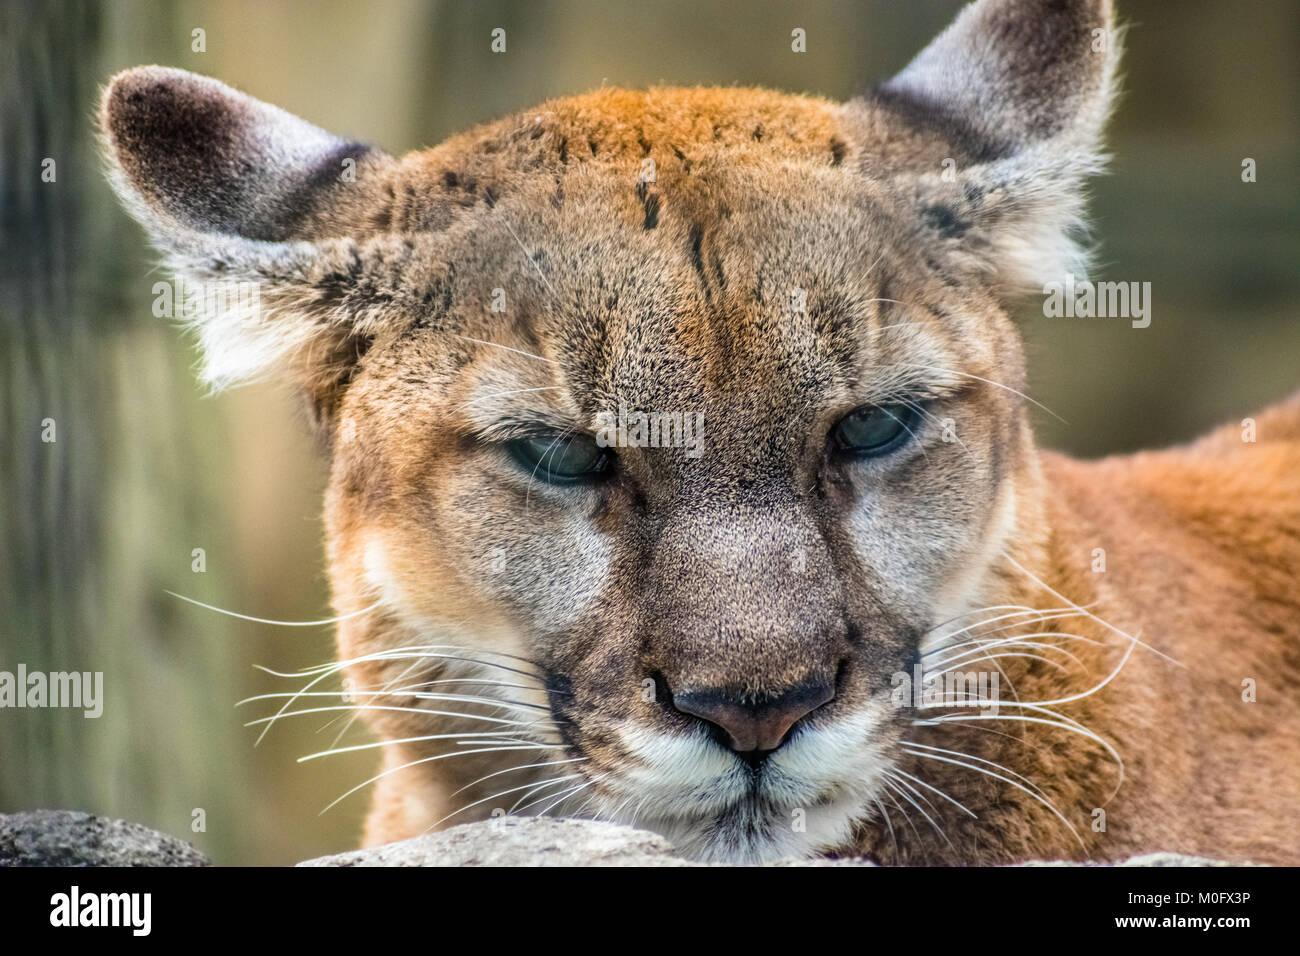 Hangry Cougar Looking At Camera - Stock Image